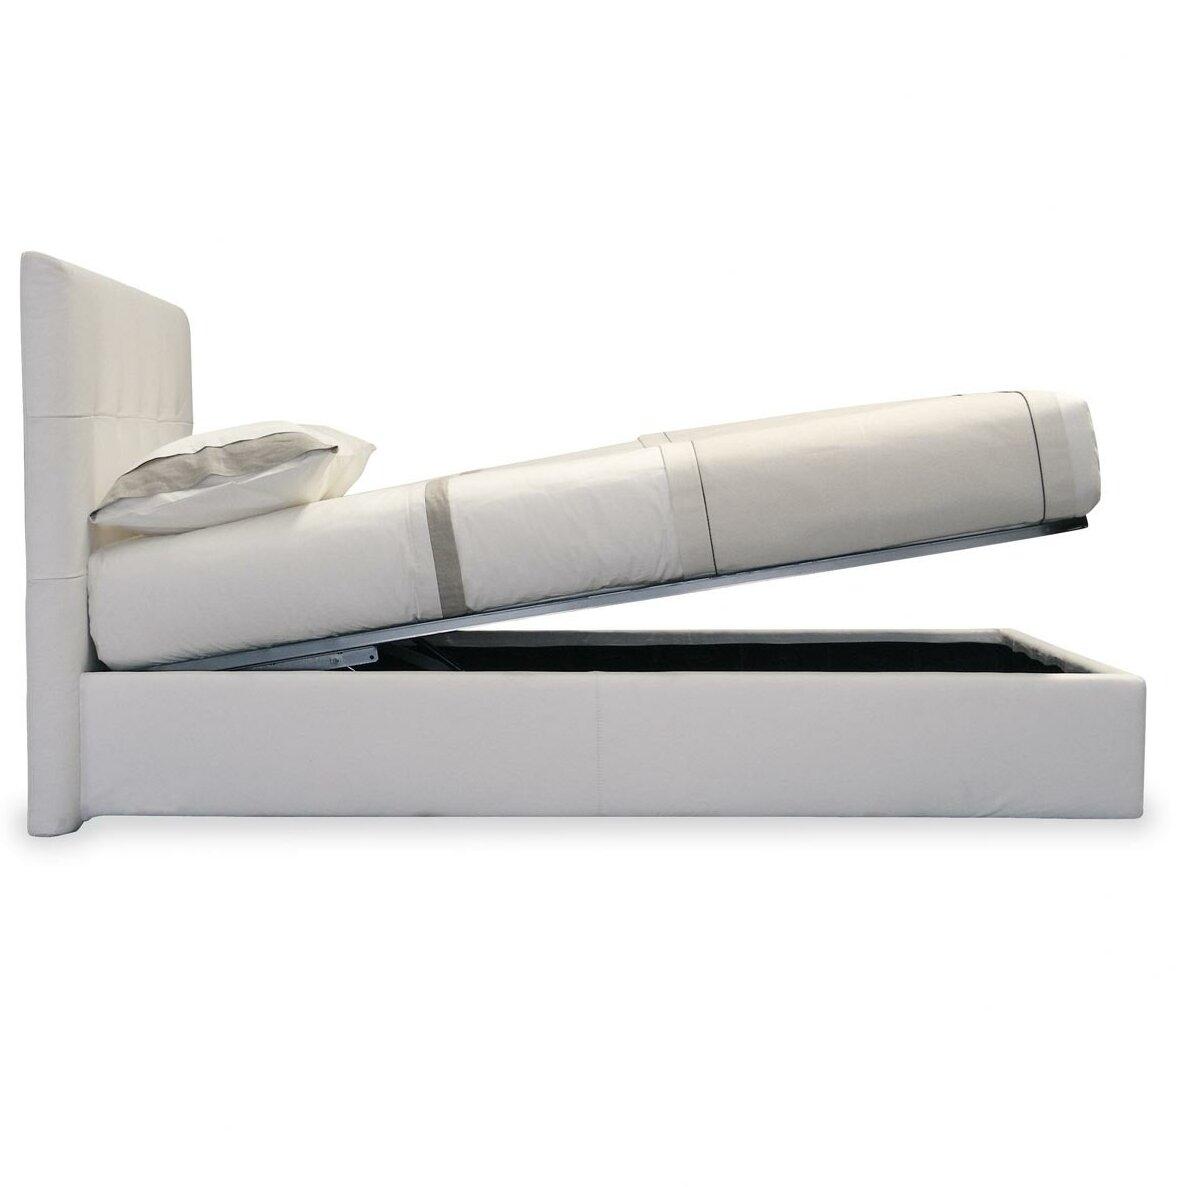 sc 1 st  AllModern & Storage Queen Upholstered Platform Bed u0026 Reviews | AllModern